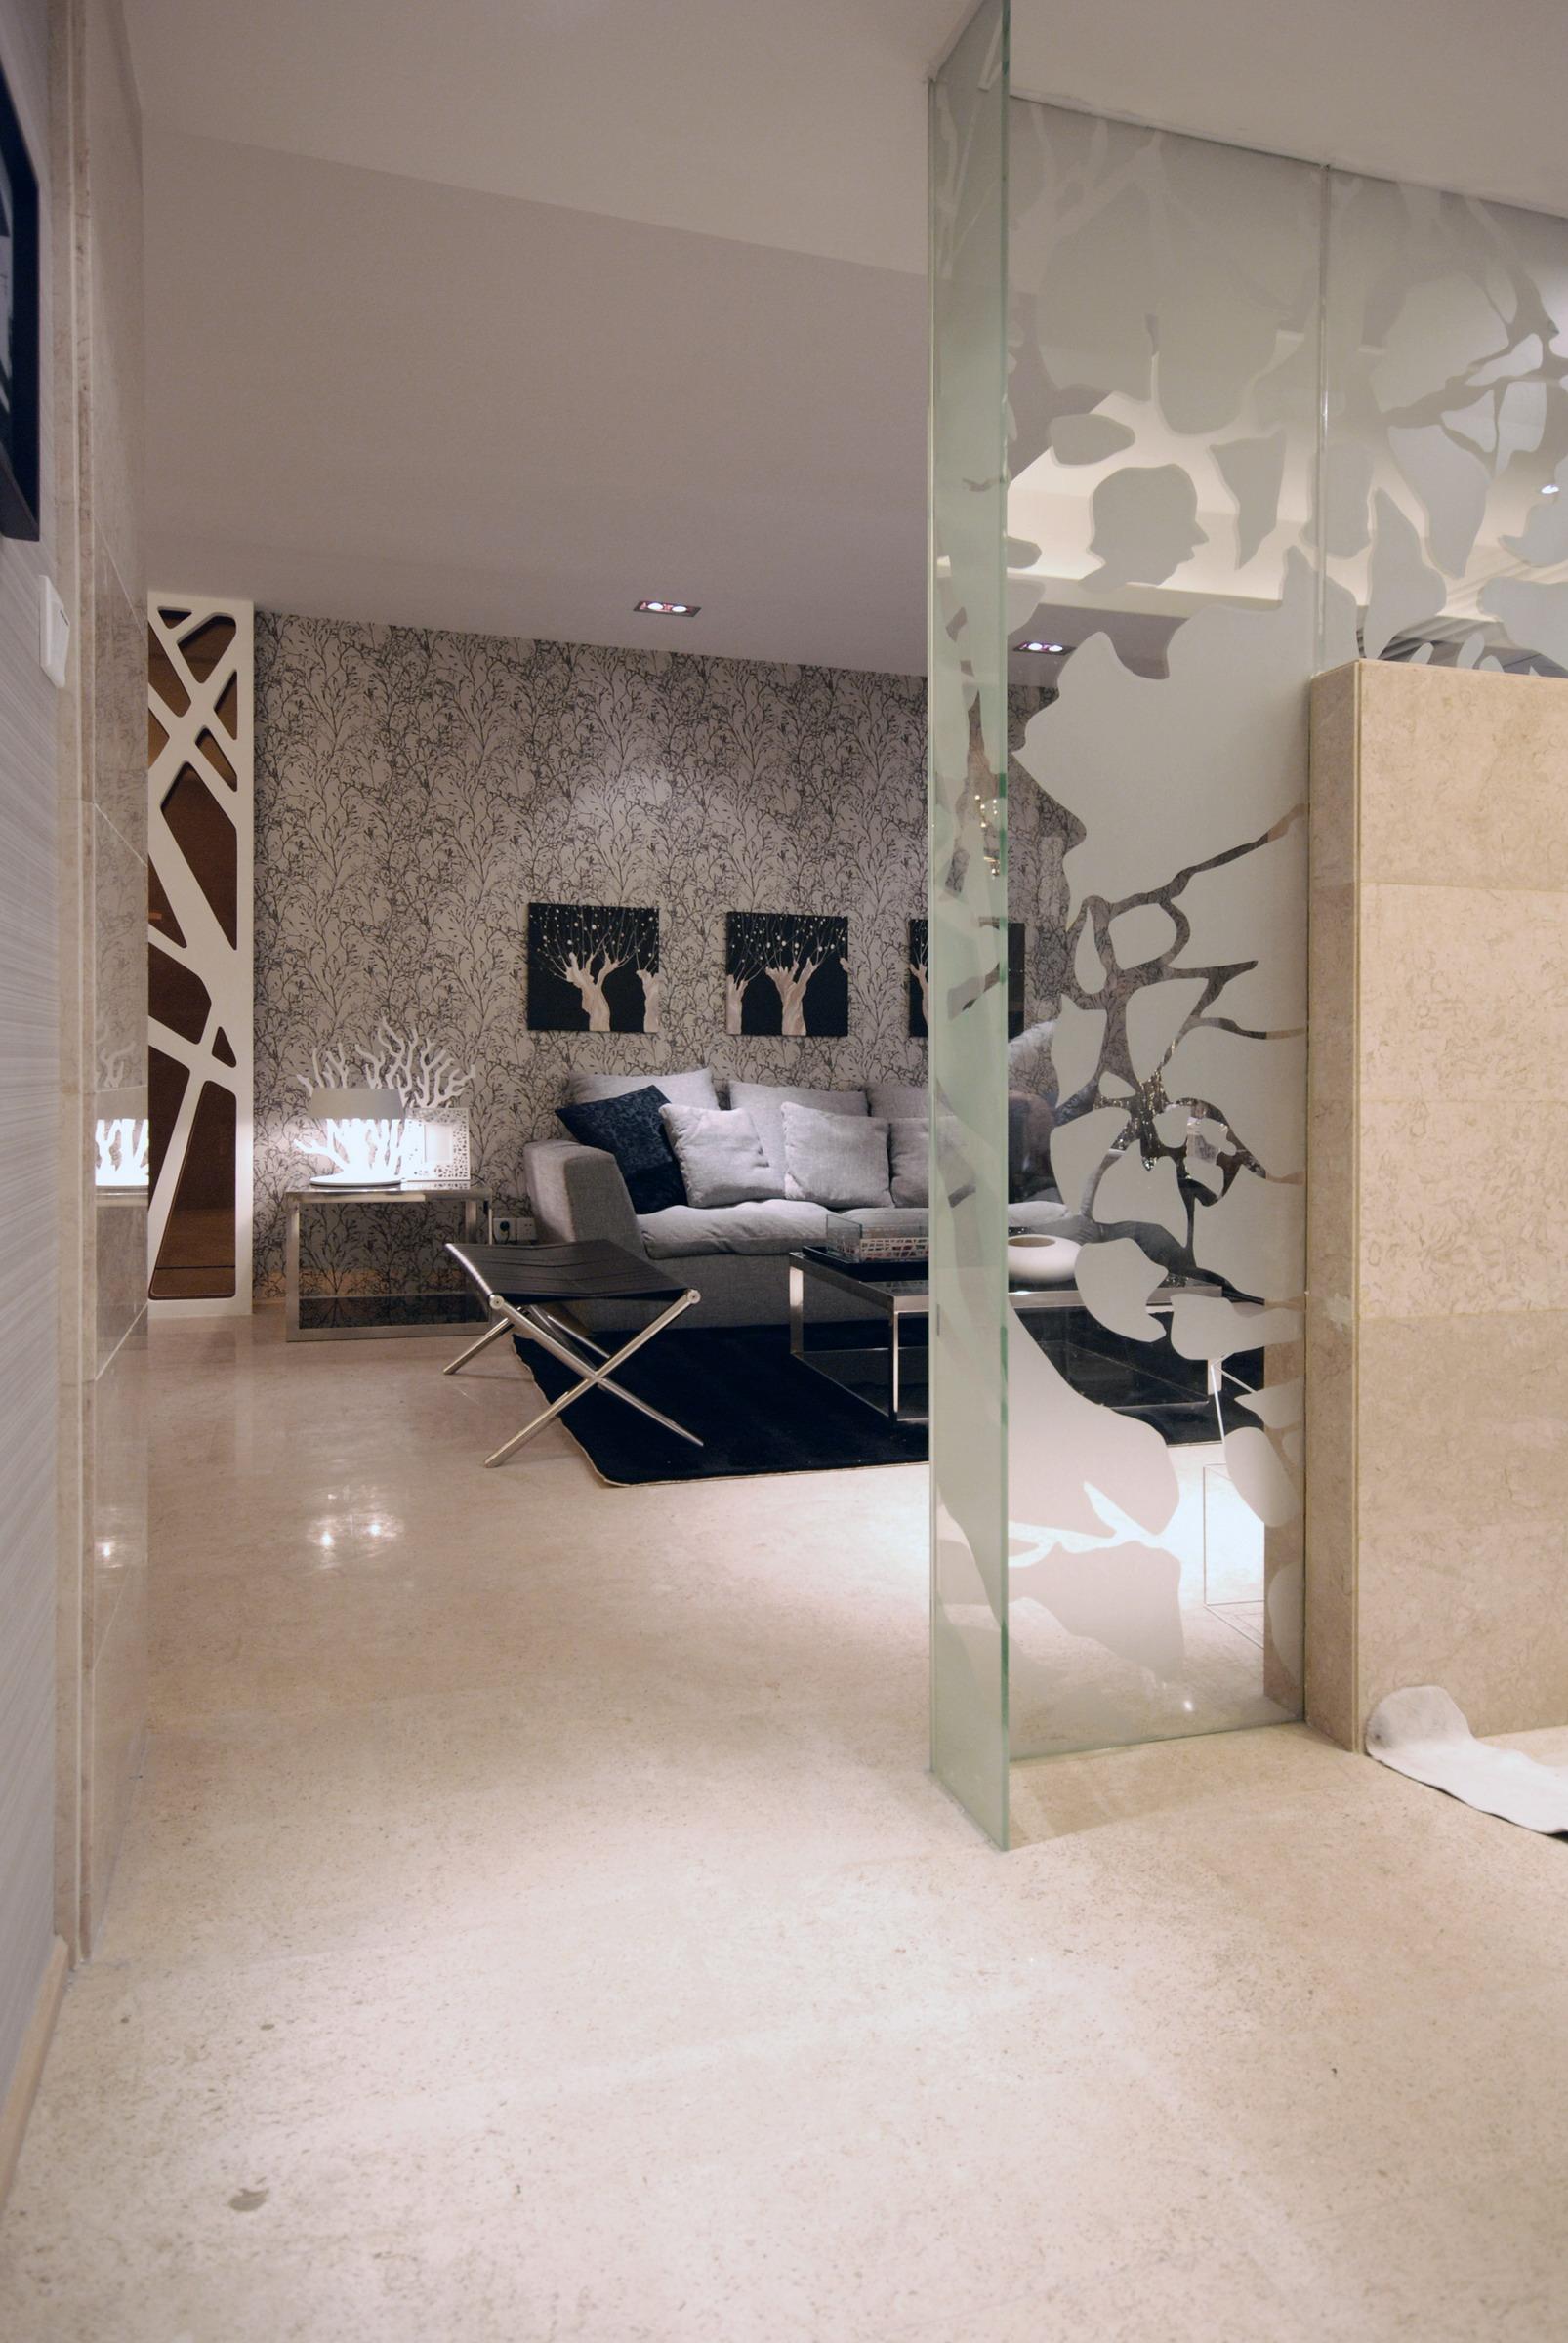 别墅 客厅 卧室 厨房 餐厅 简约图片来自北京今朝装饰刘在观塘别墅设计案例的分享